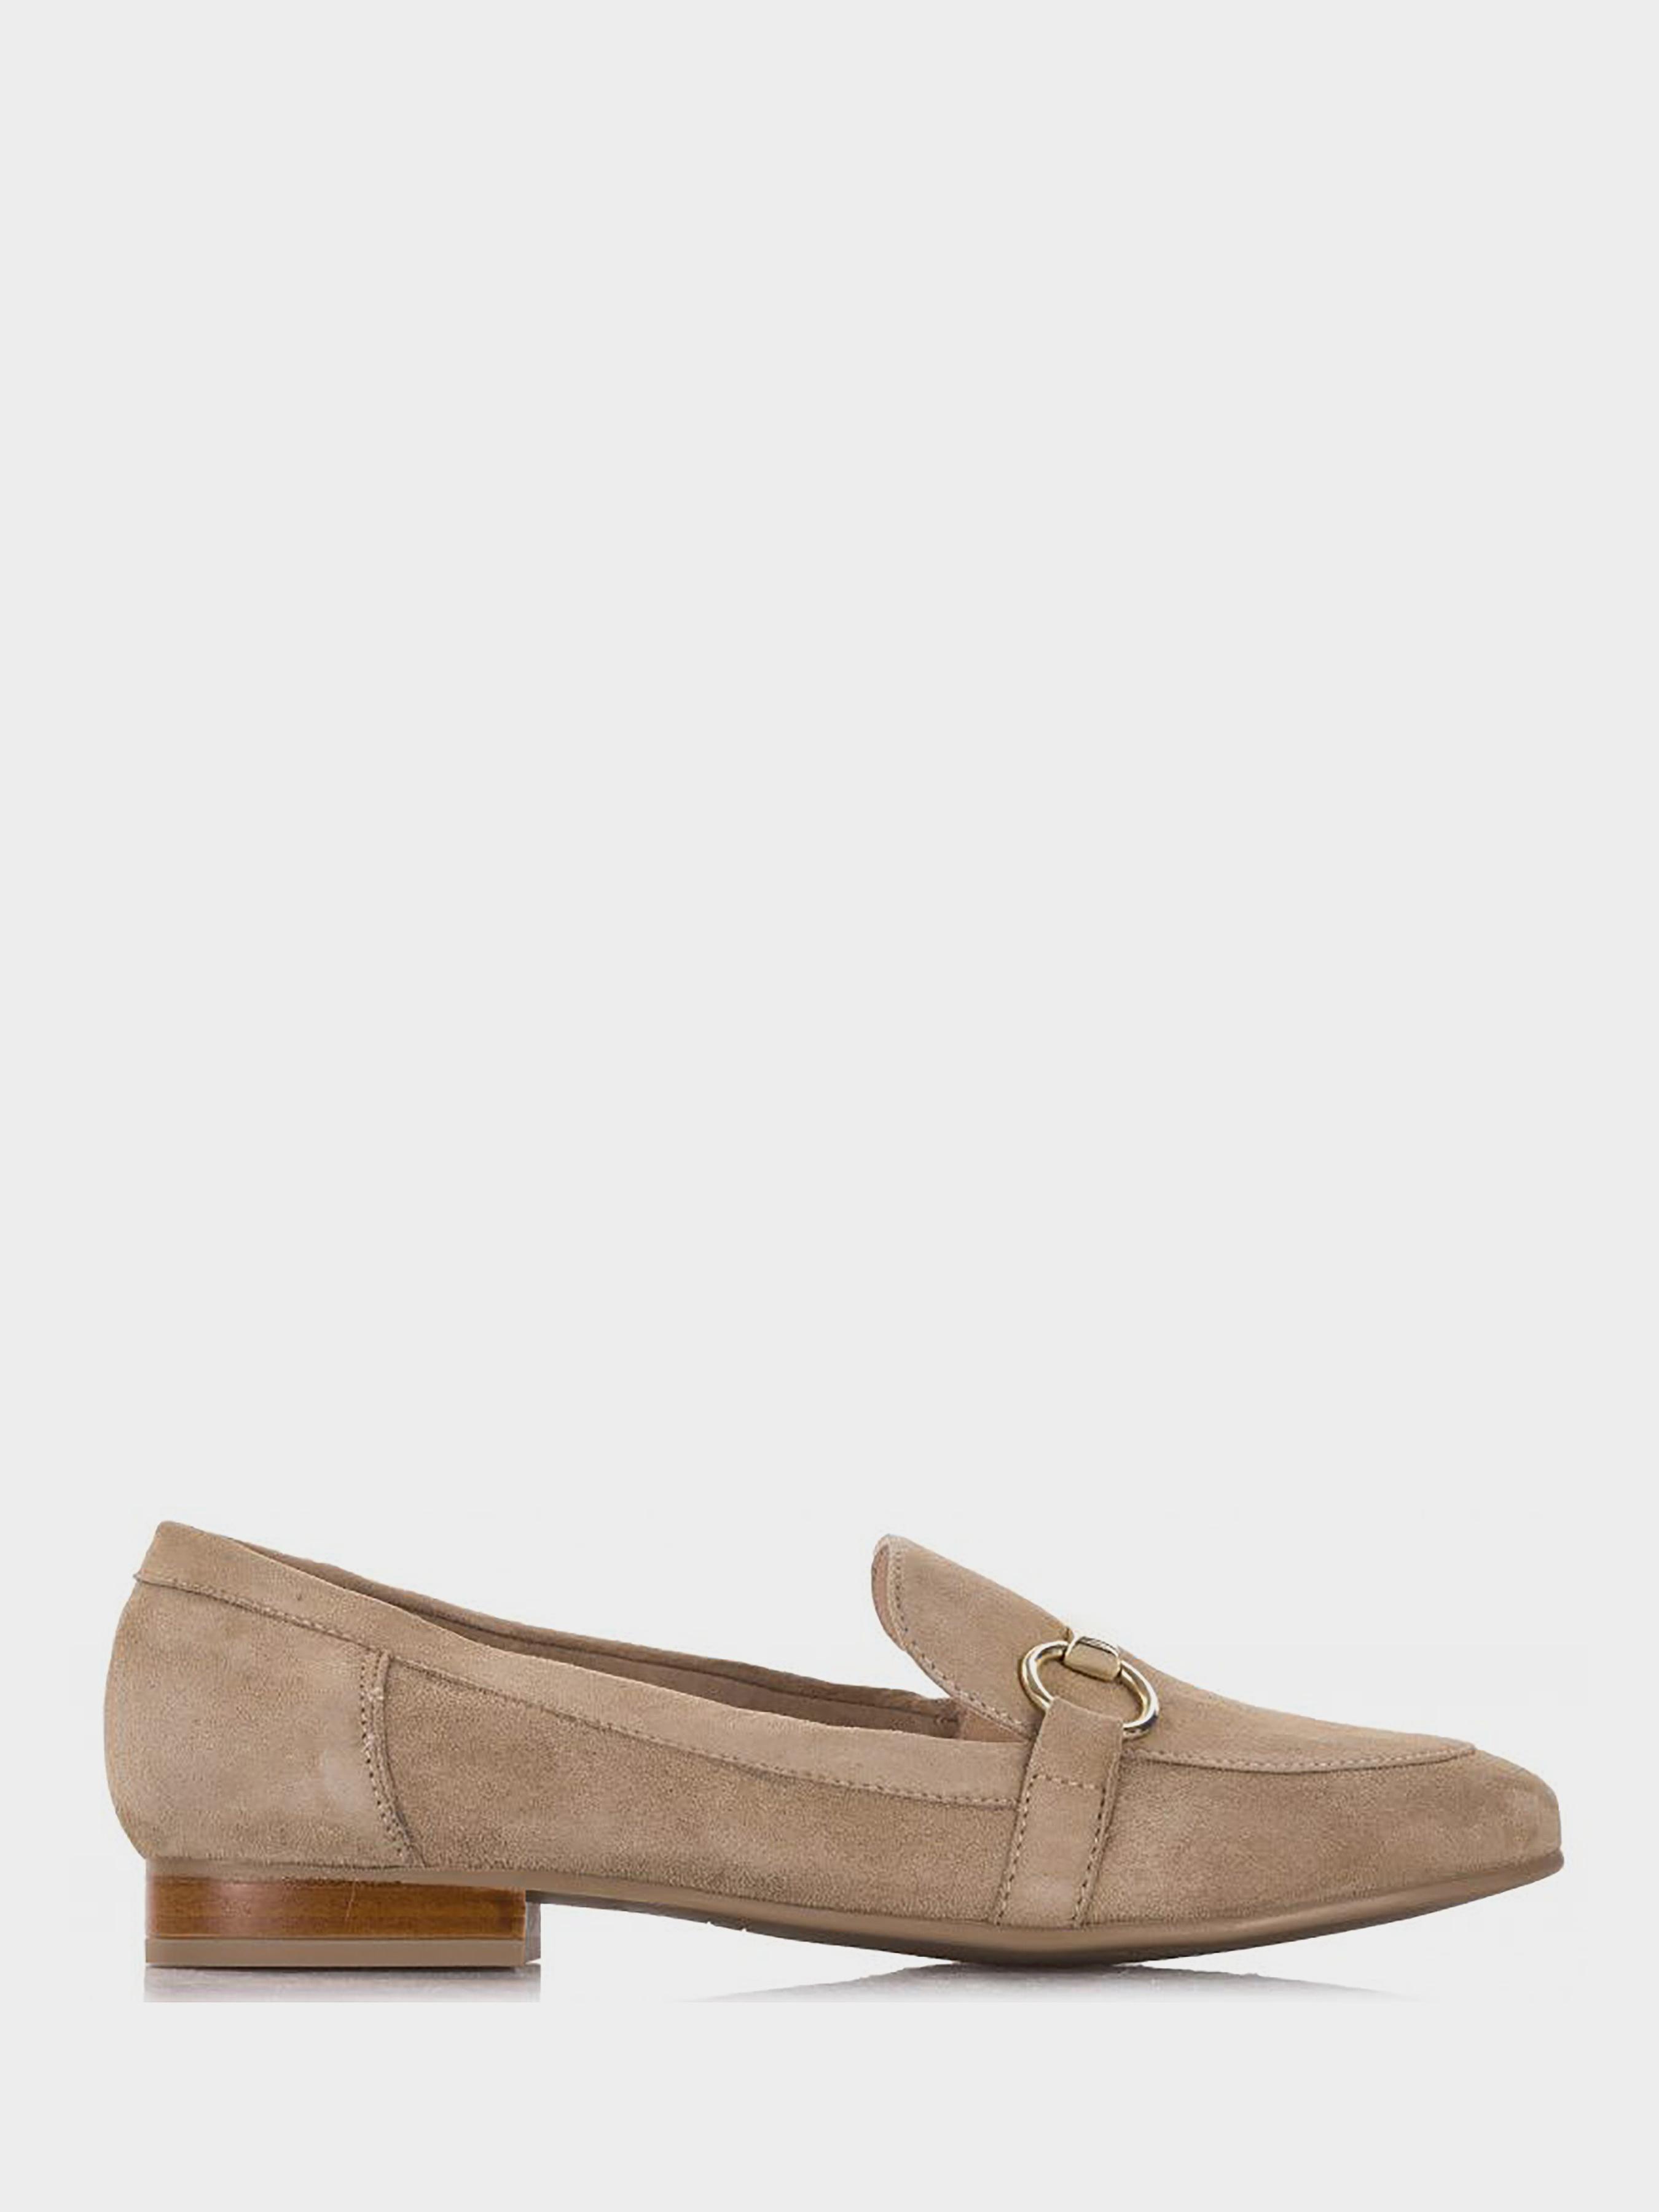 Туфли для женщин Braska 8Y10 купить онлайн, 2017